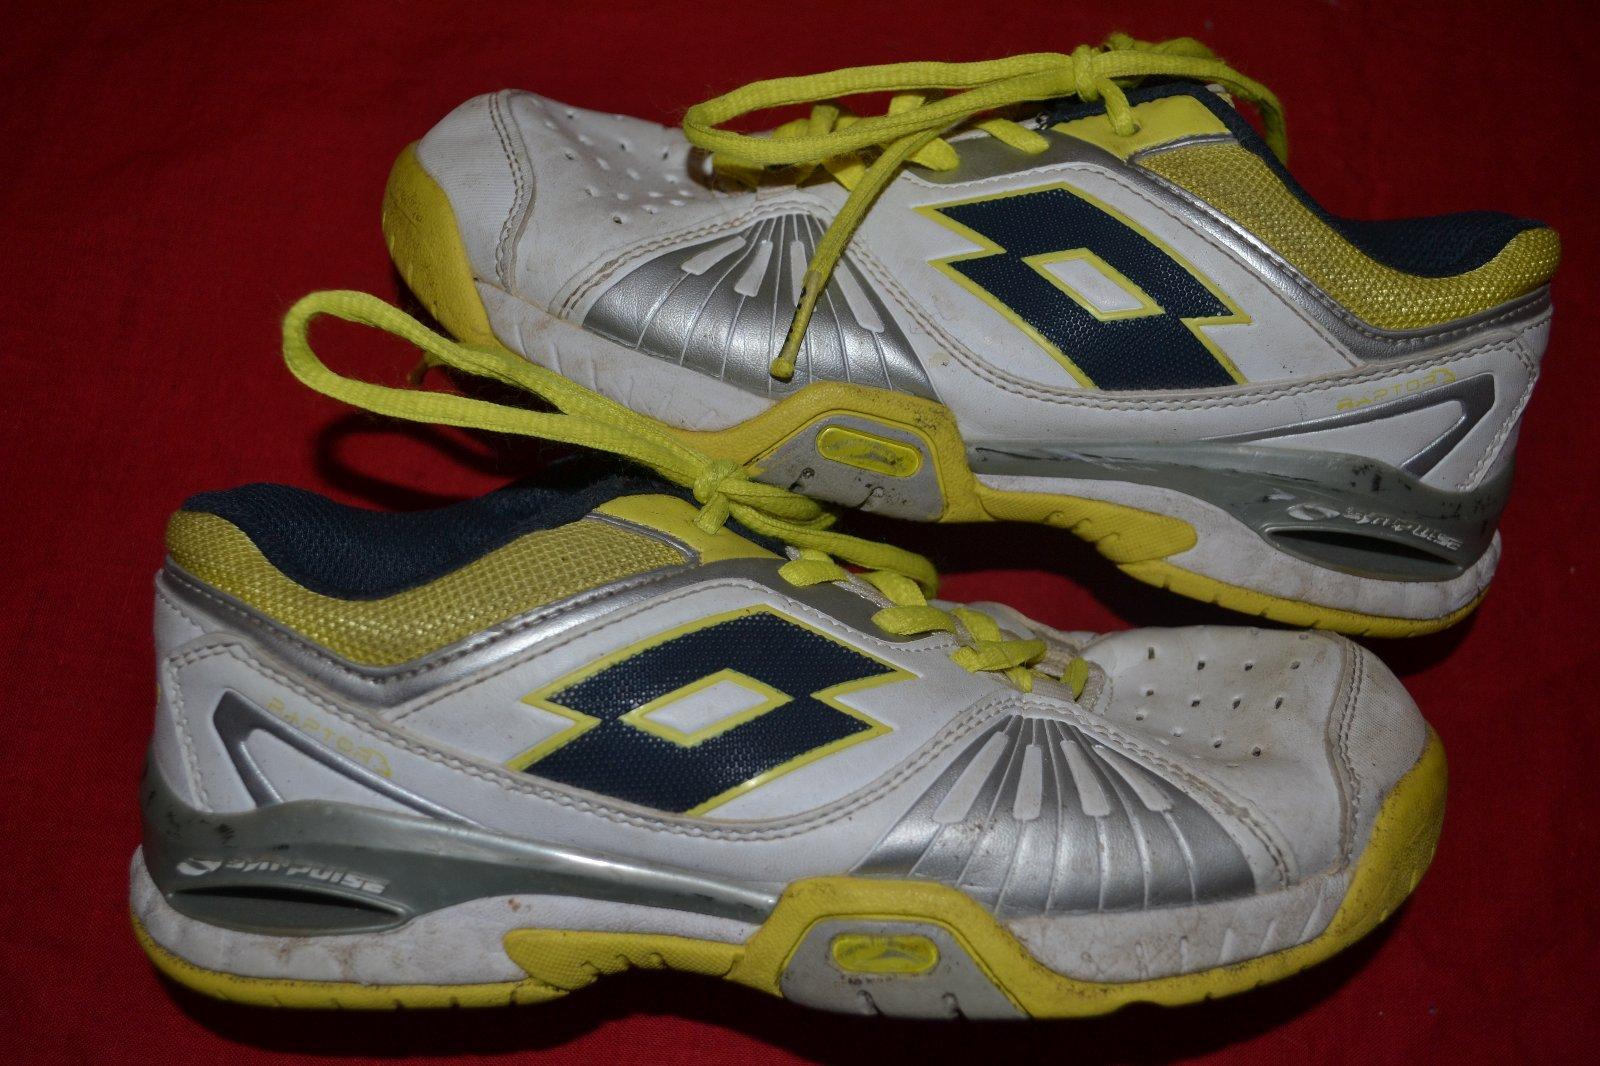 ae59af45c9c Sportovní boty lotto